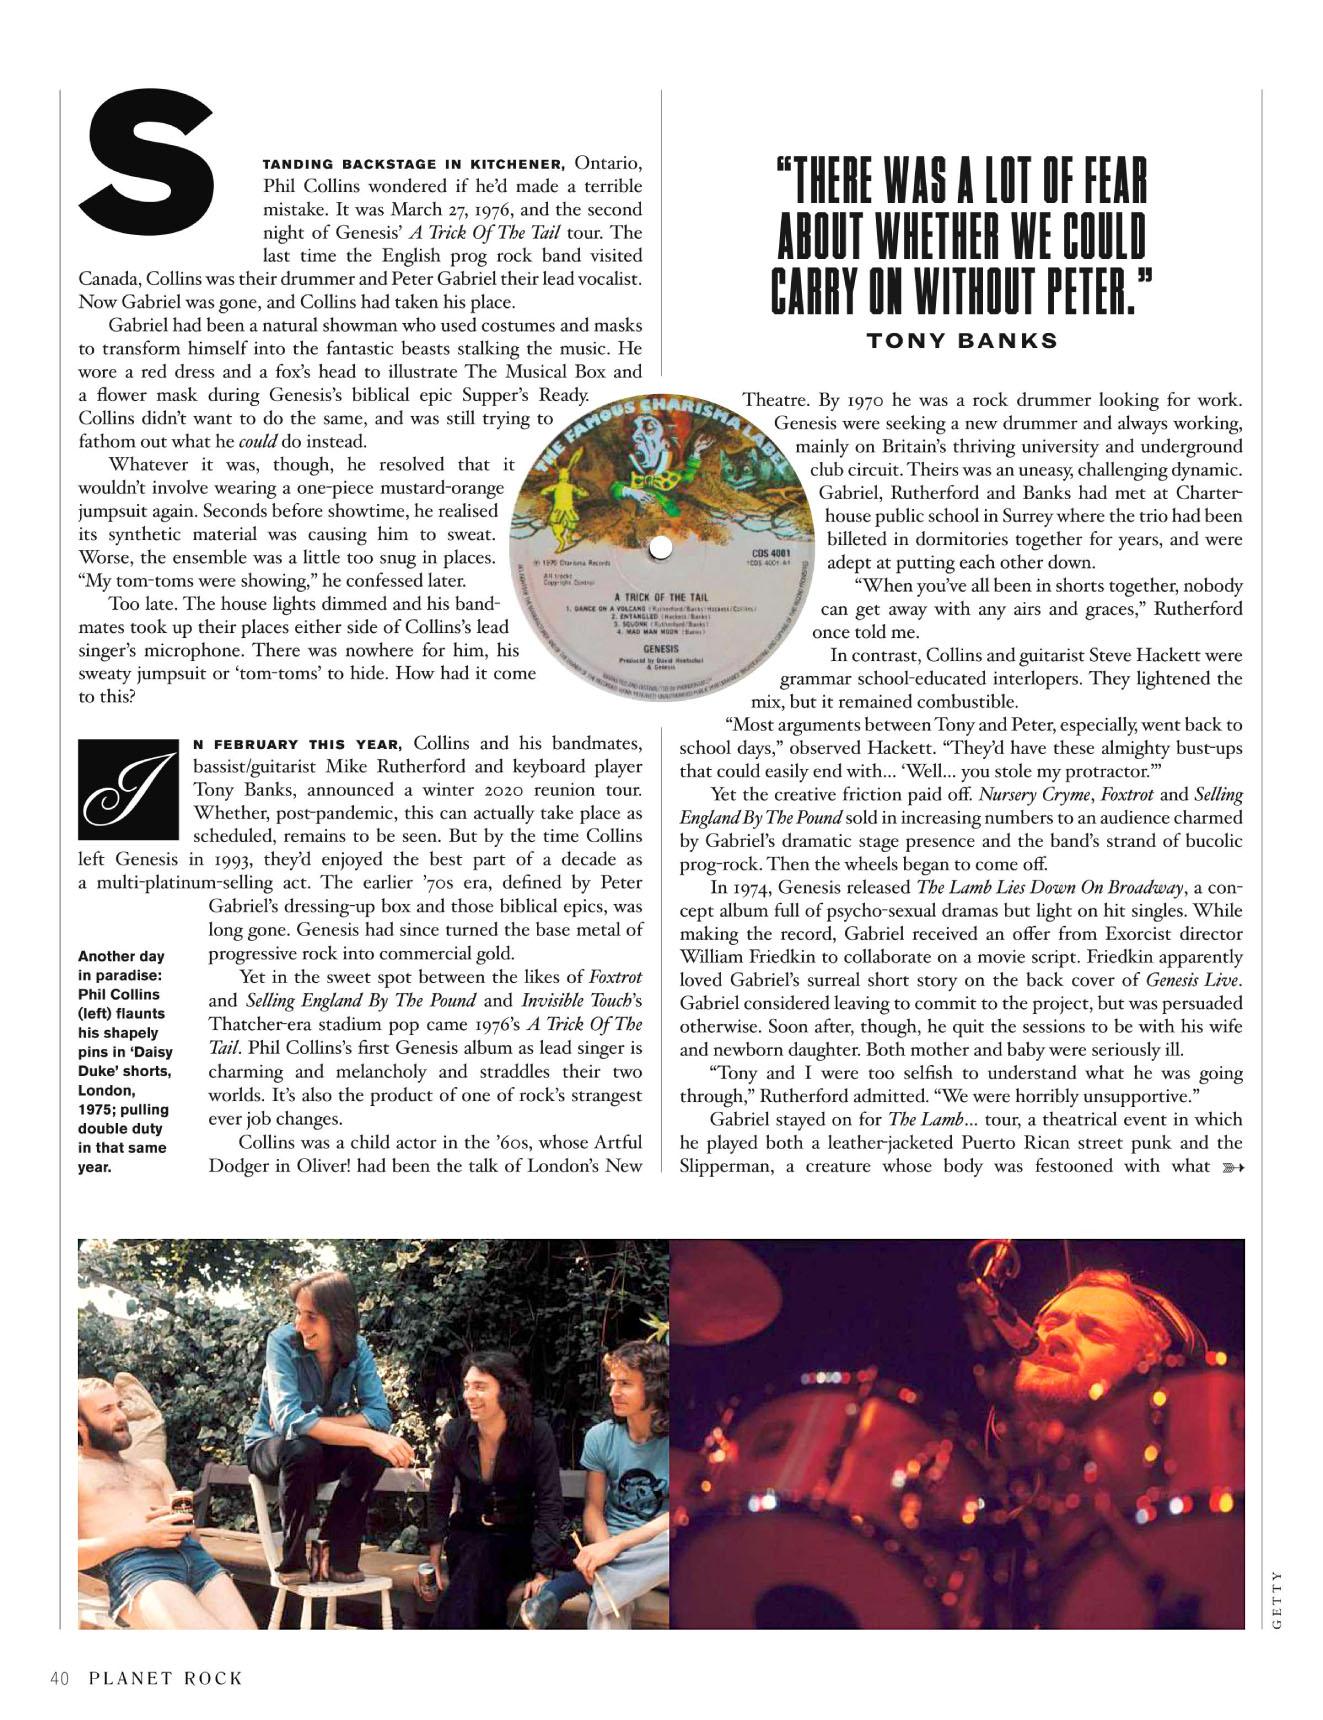 Planet Rock 2020-09 Genesis 02.jpg